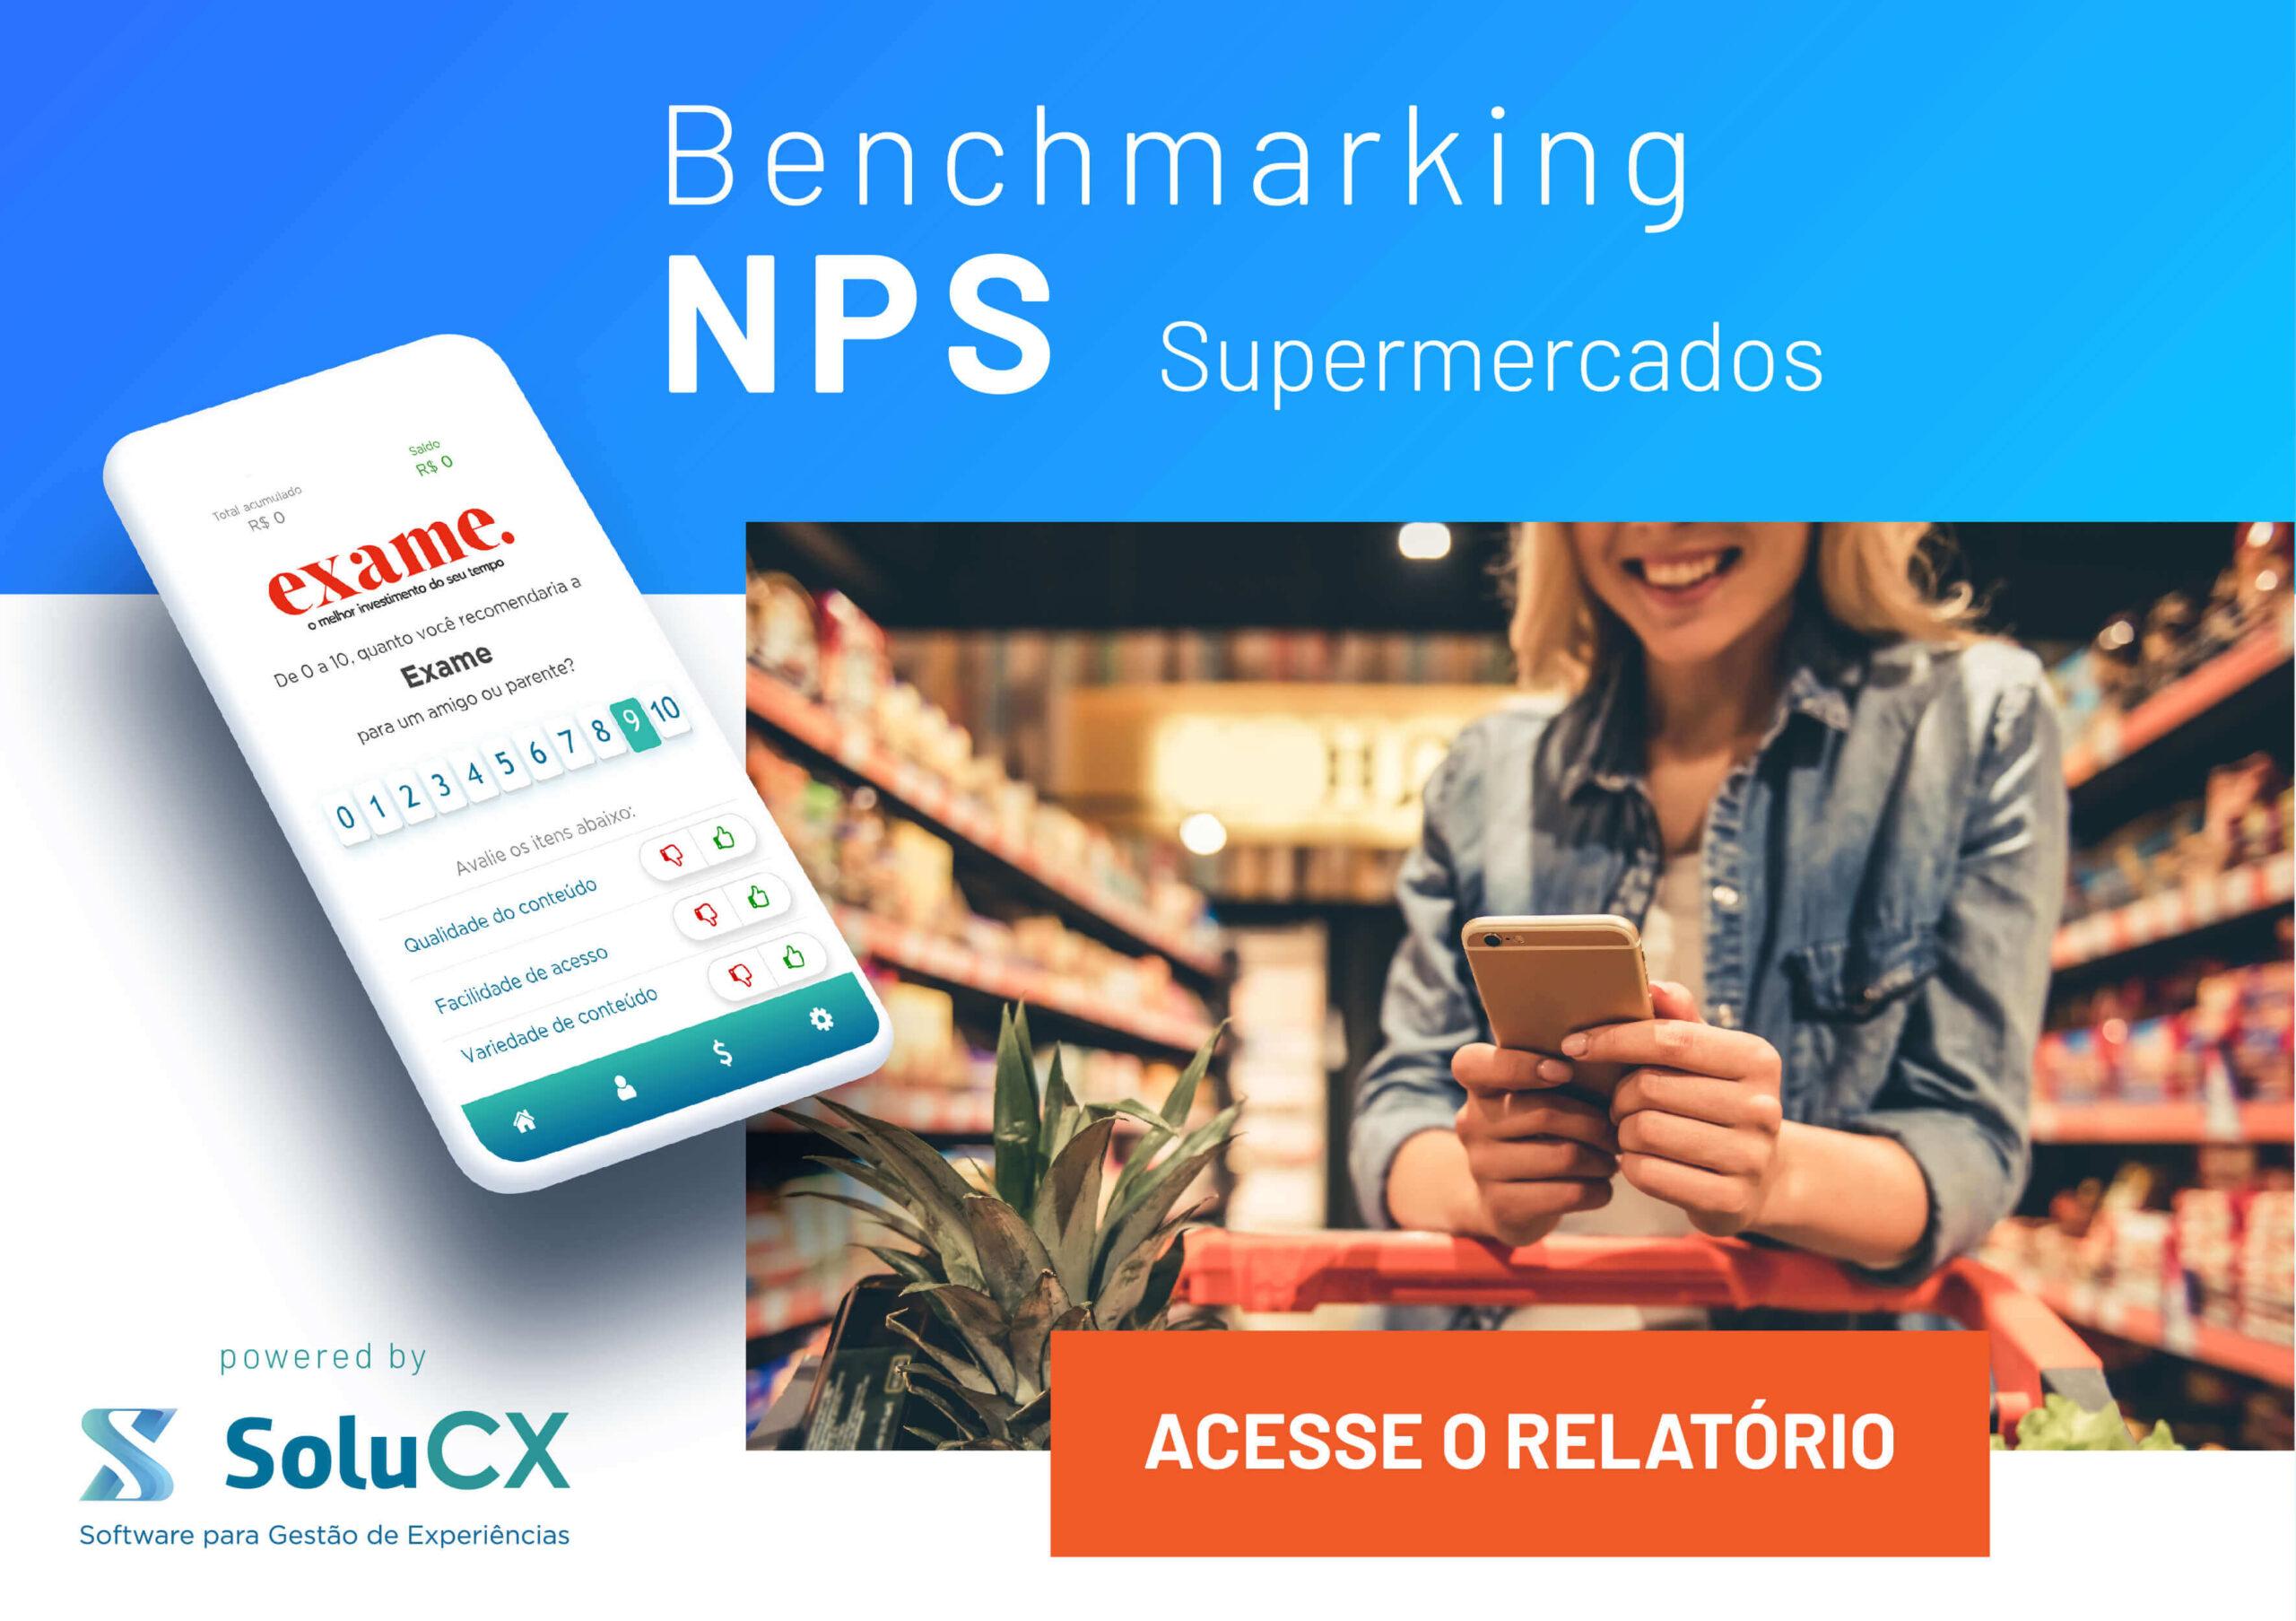 Benchmark NPS de Supermercados